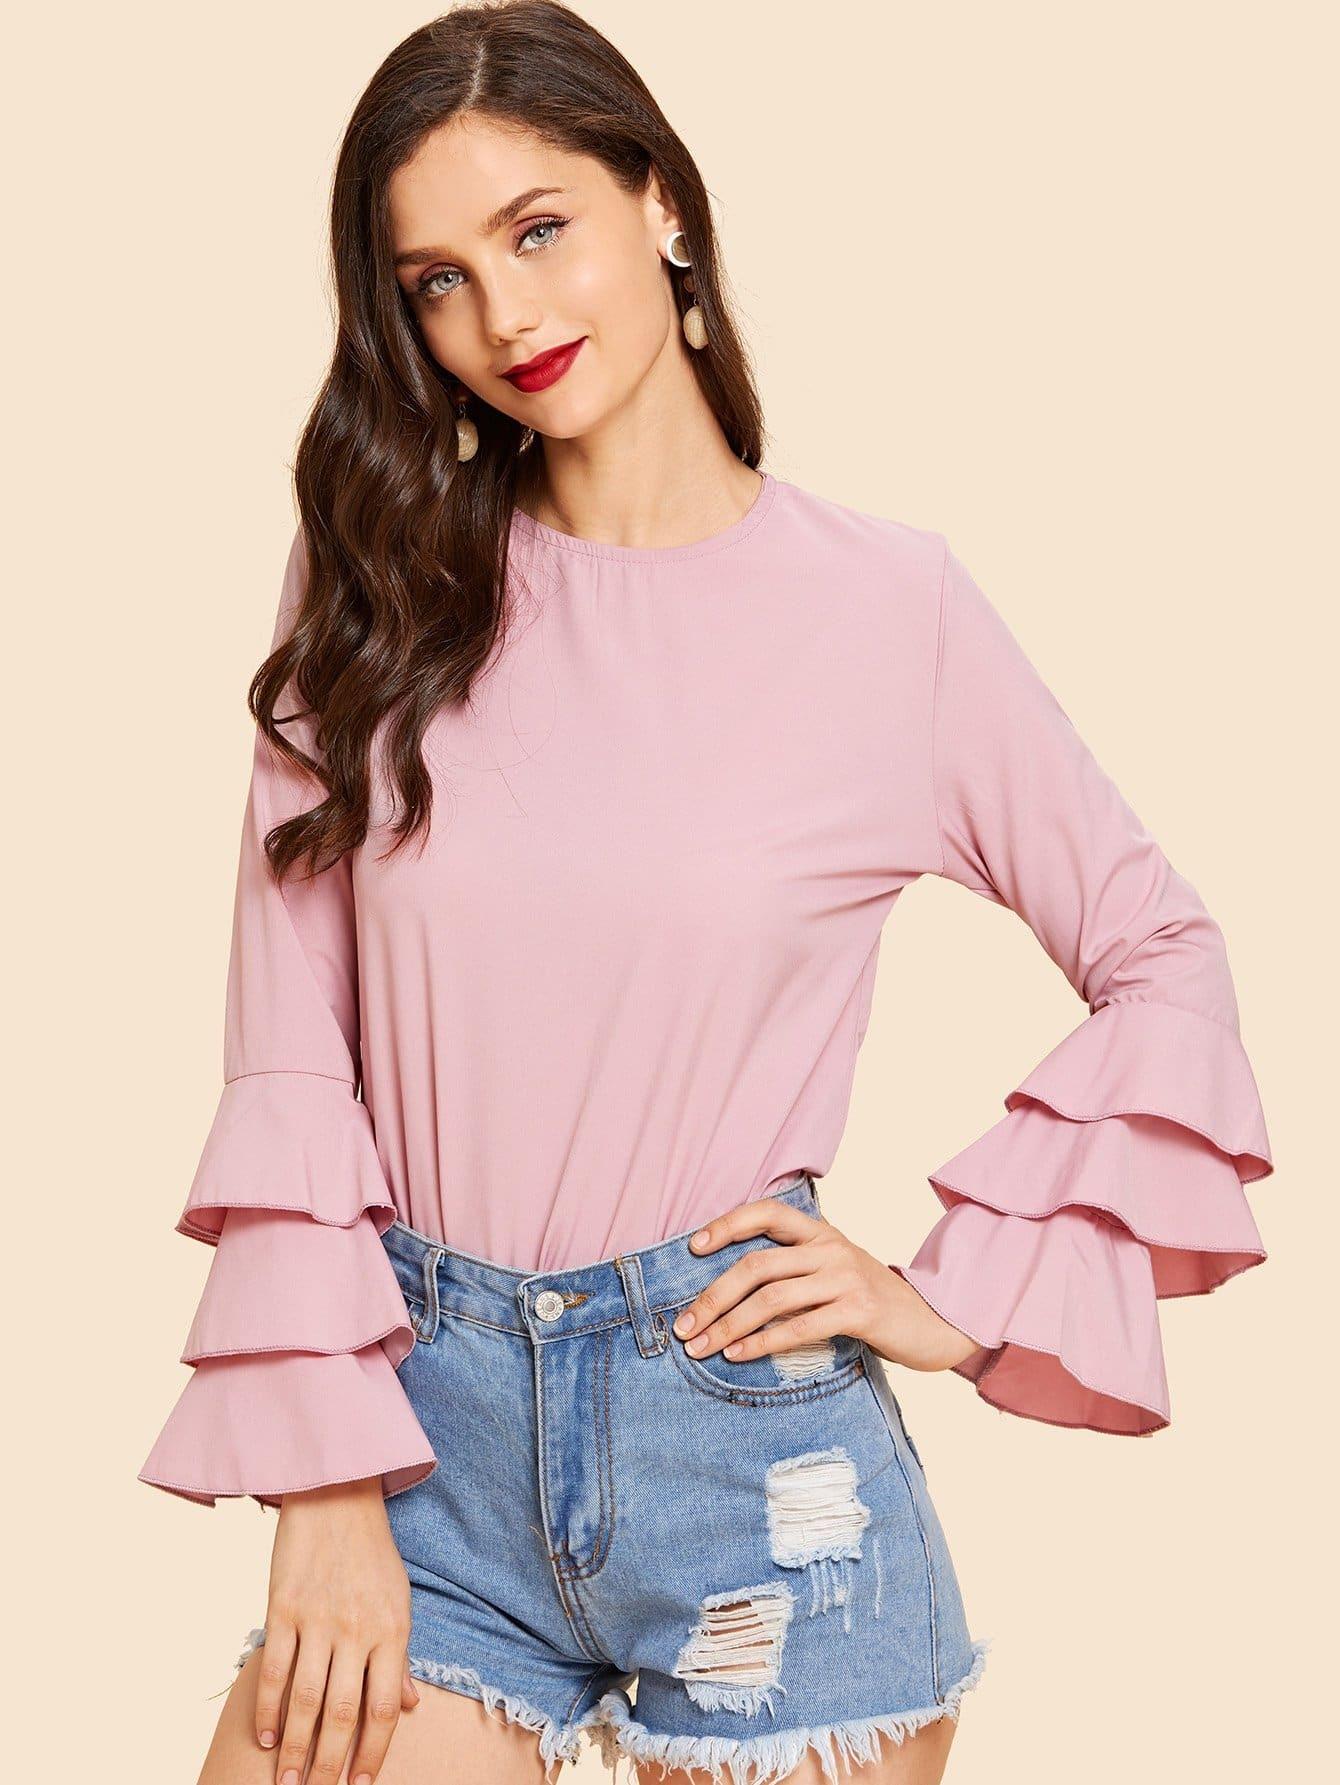 Купить Рубашка с накрахмаленными рукавами и сзади одежды с замочными скважинами, Julie H., SheIn